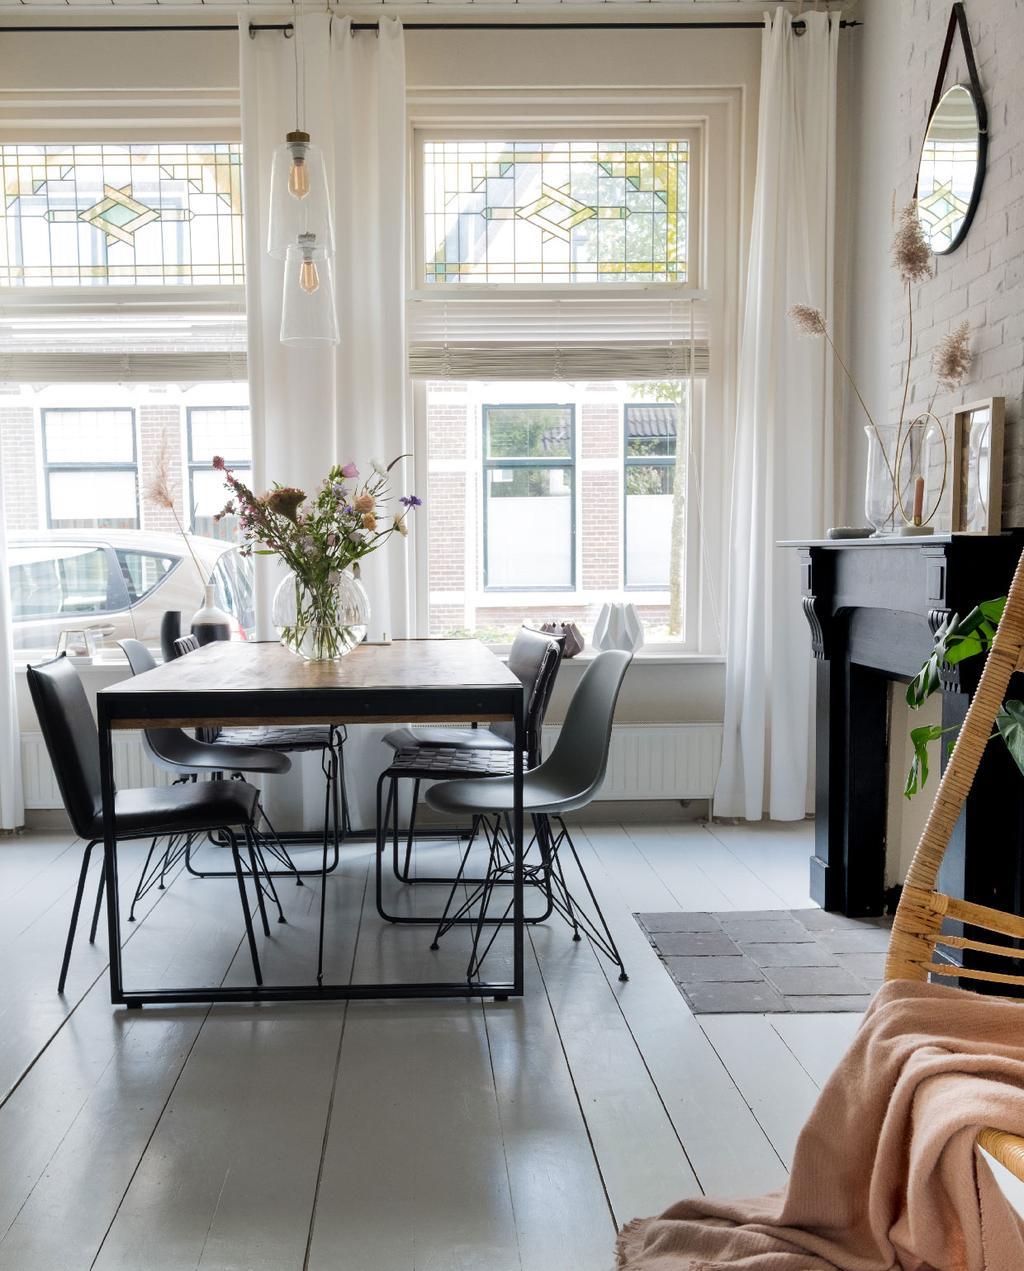 vtwonen 08-2020 | binnenkijken in een zomerse eetkamer in meppel donkerhouten eettafel glas in lood